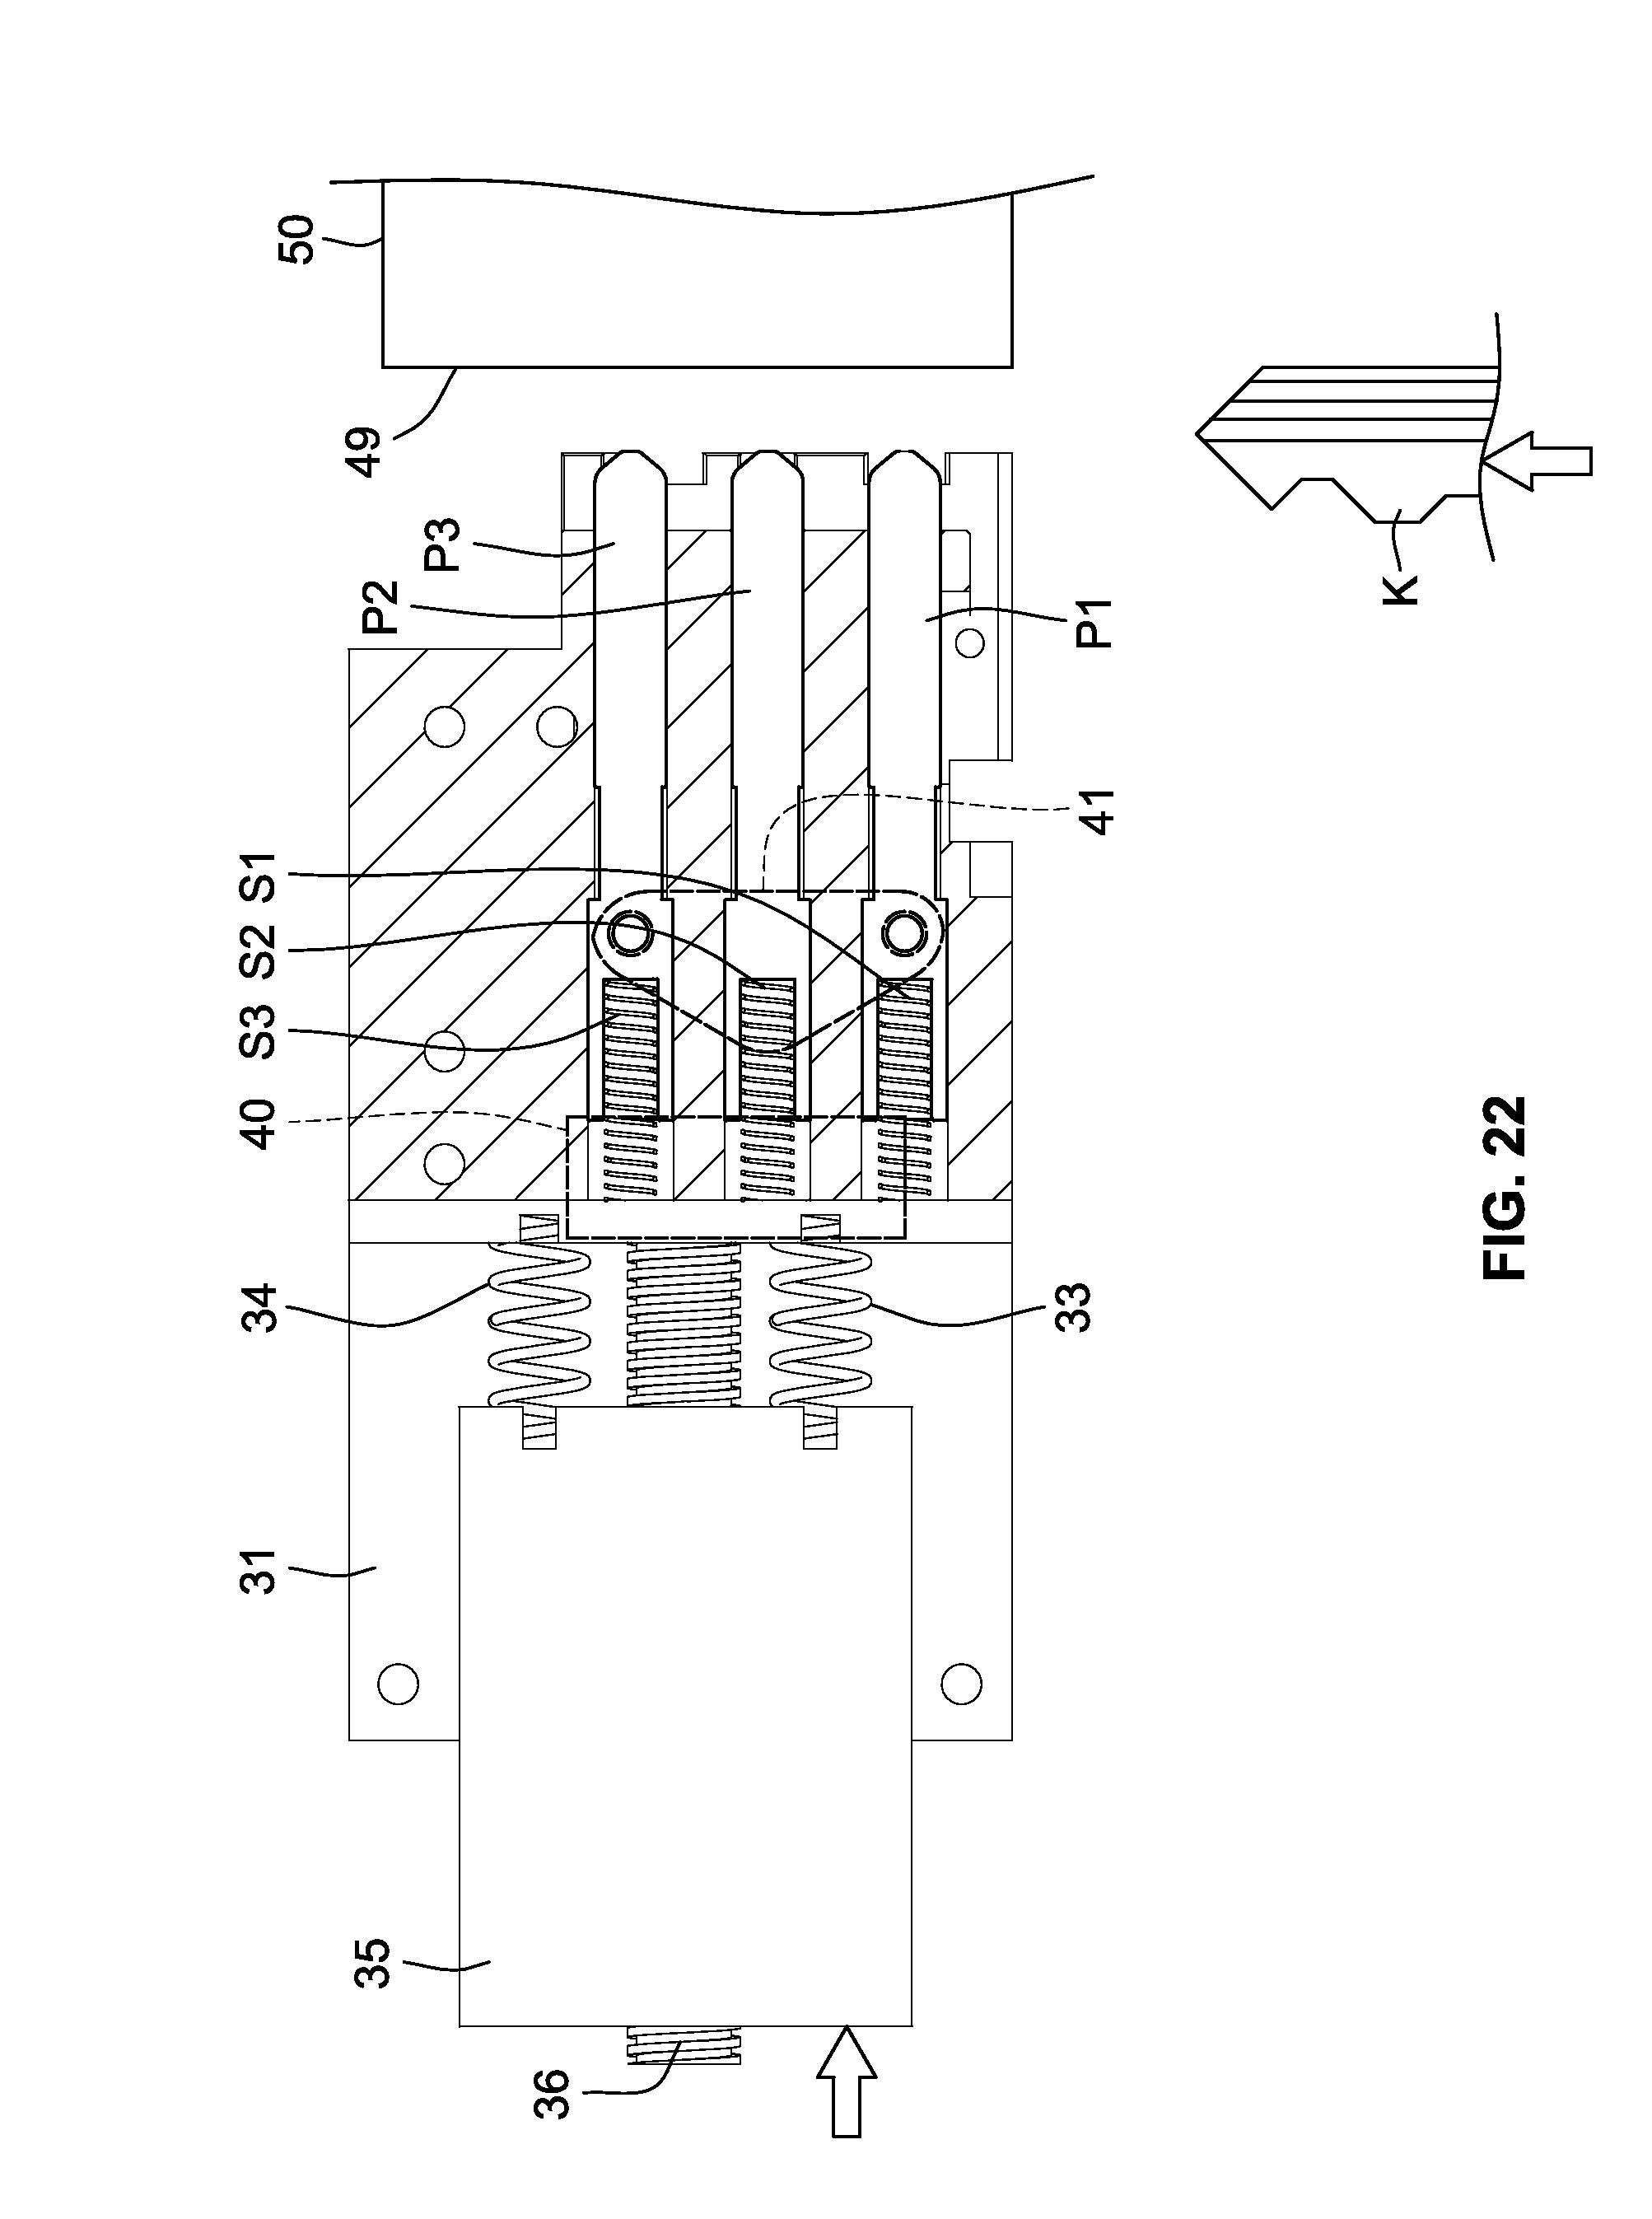 wiring diagram for 2007 suzuki boulevard suzuki marauder